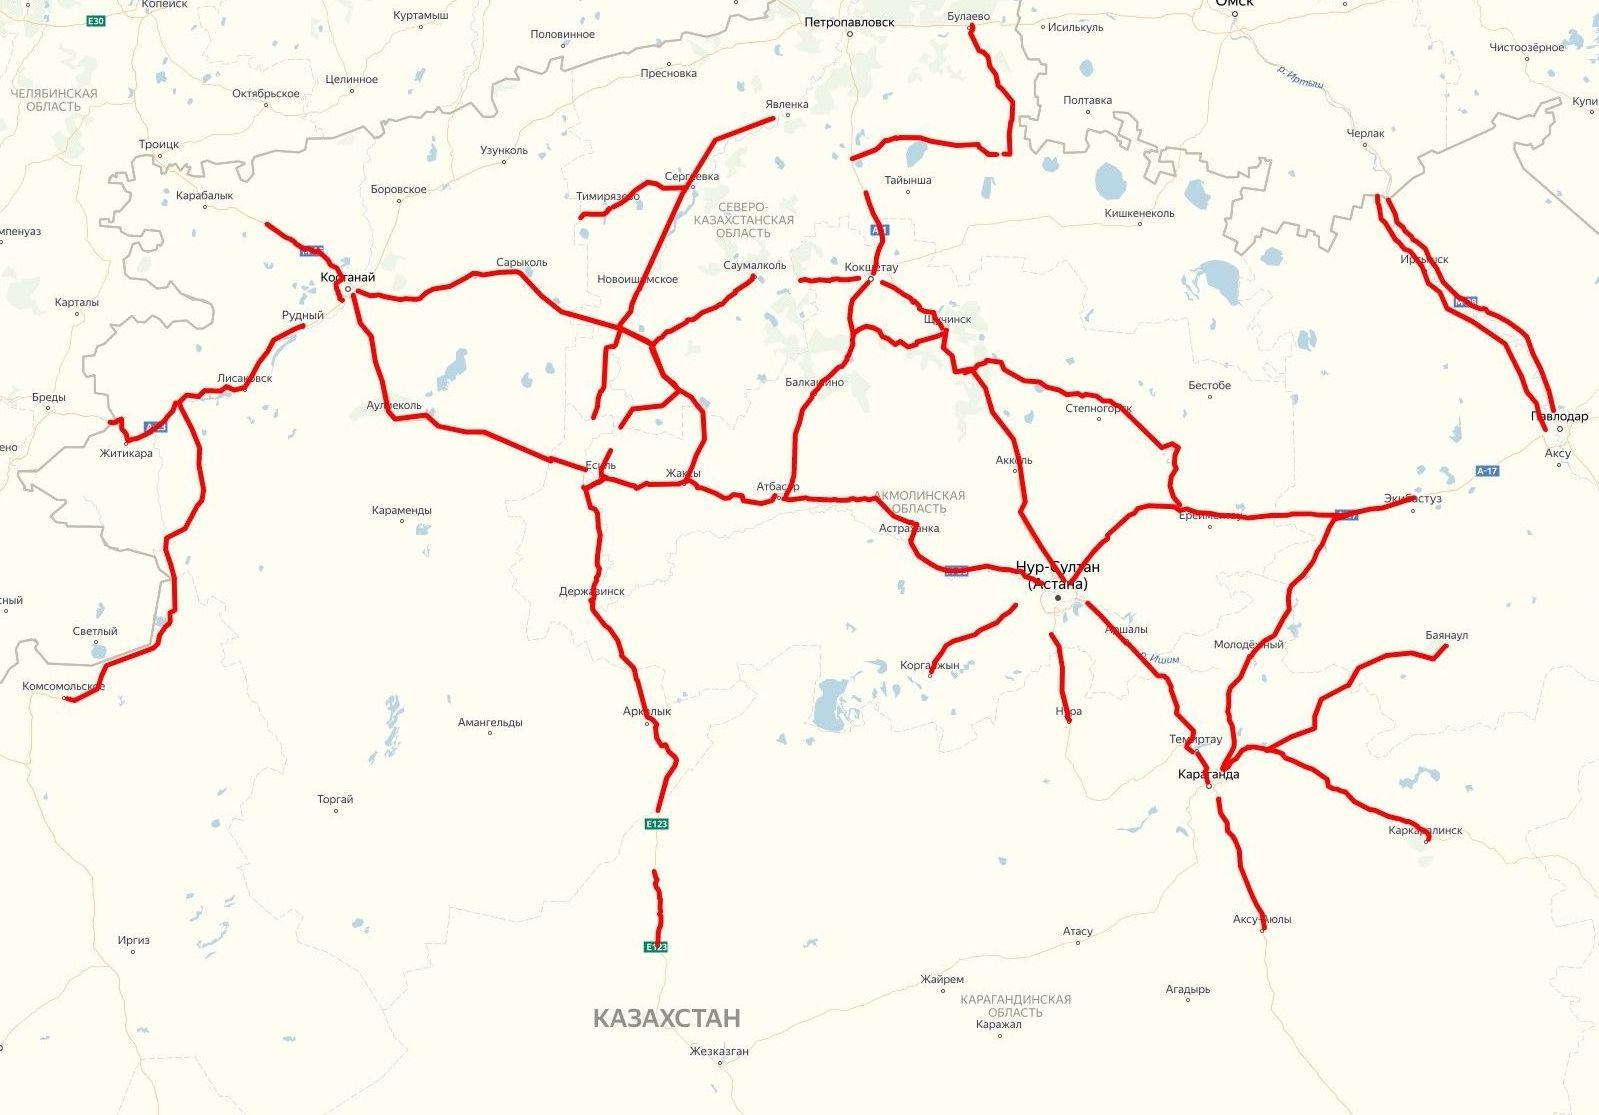 Карта ограничения дорожного движения по республике